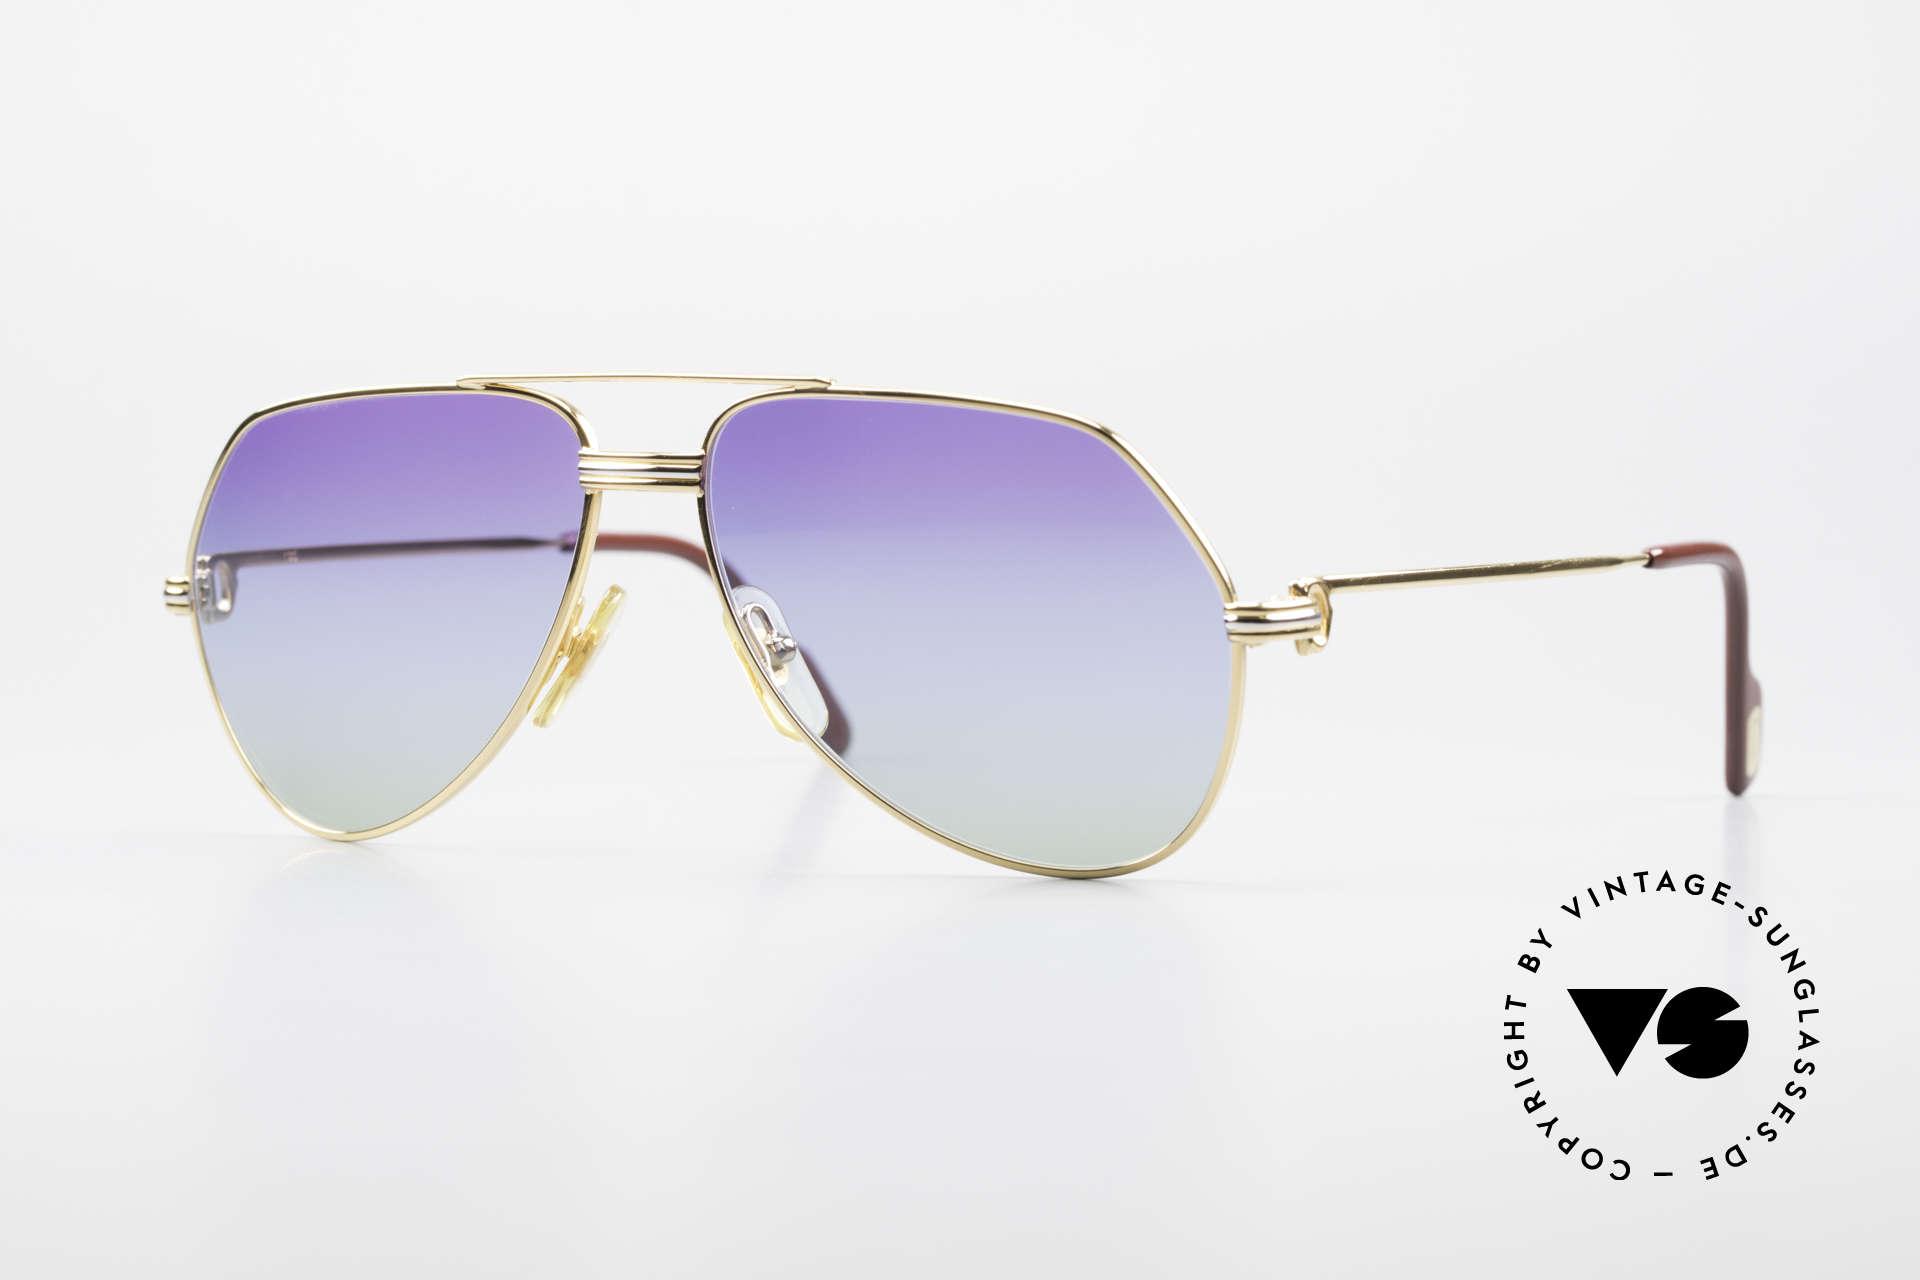 Cartier Vendome LC - S 80er Sonnenbrille Polarlicht, vintage Cartier Vendome Sonnenbrille im Aviator-Stil, Passend für Herren und Damen